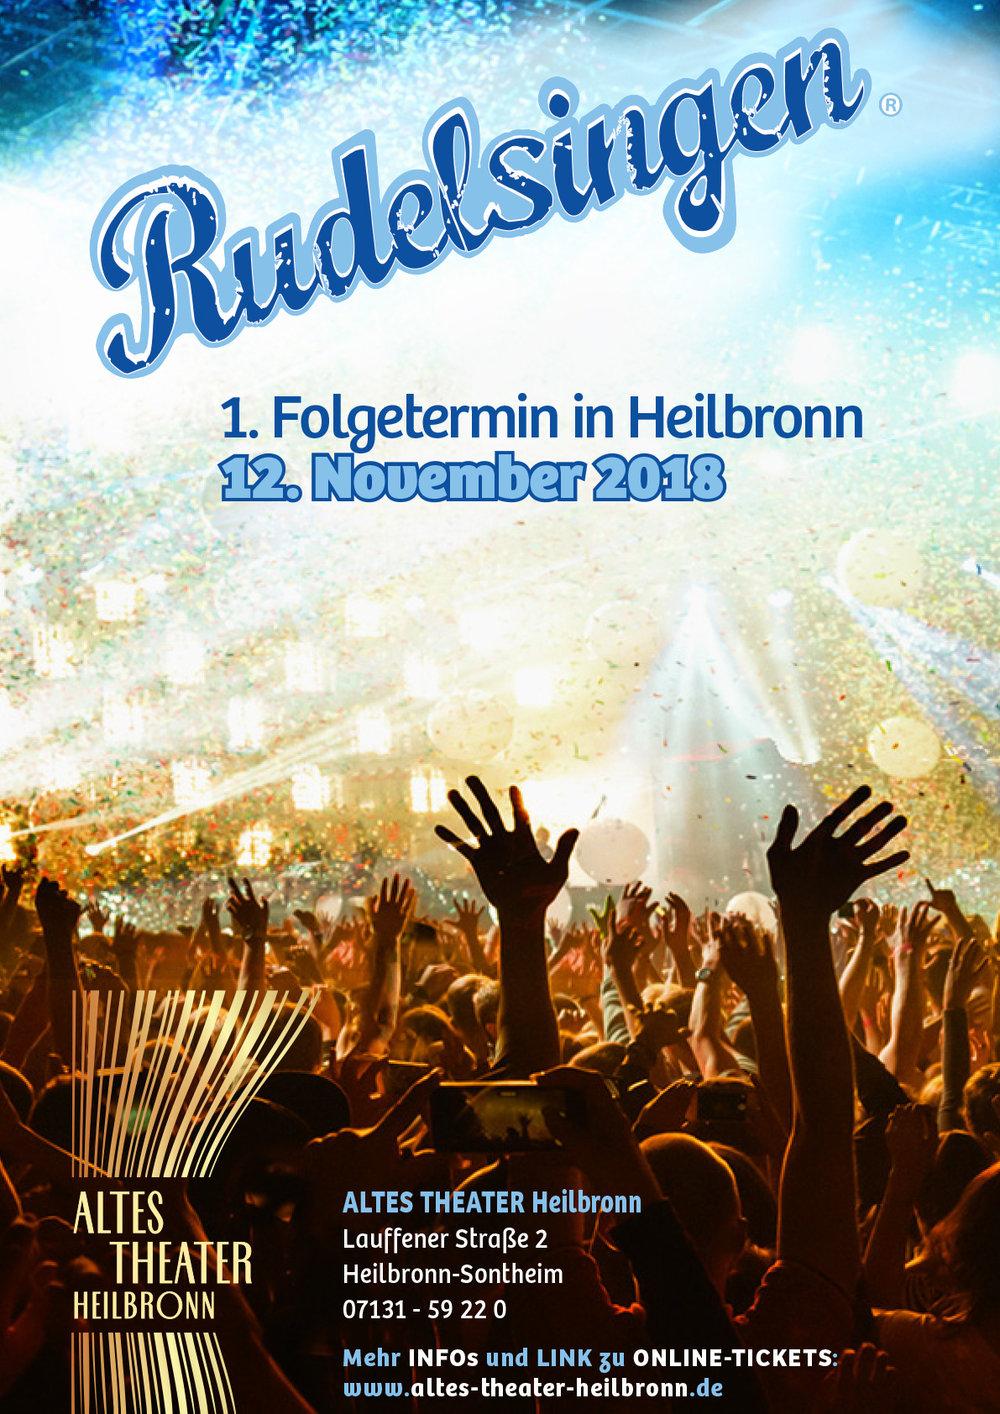 Altes-Theater-Heilbronn-RUDELSINGEN-No2.jpg